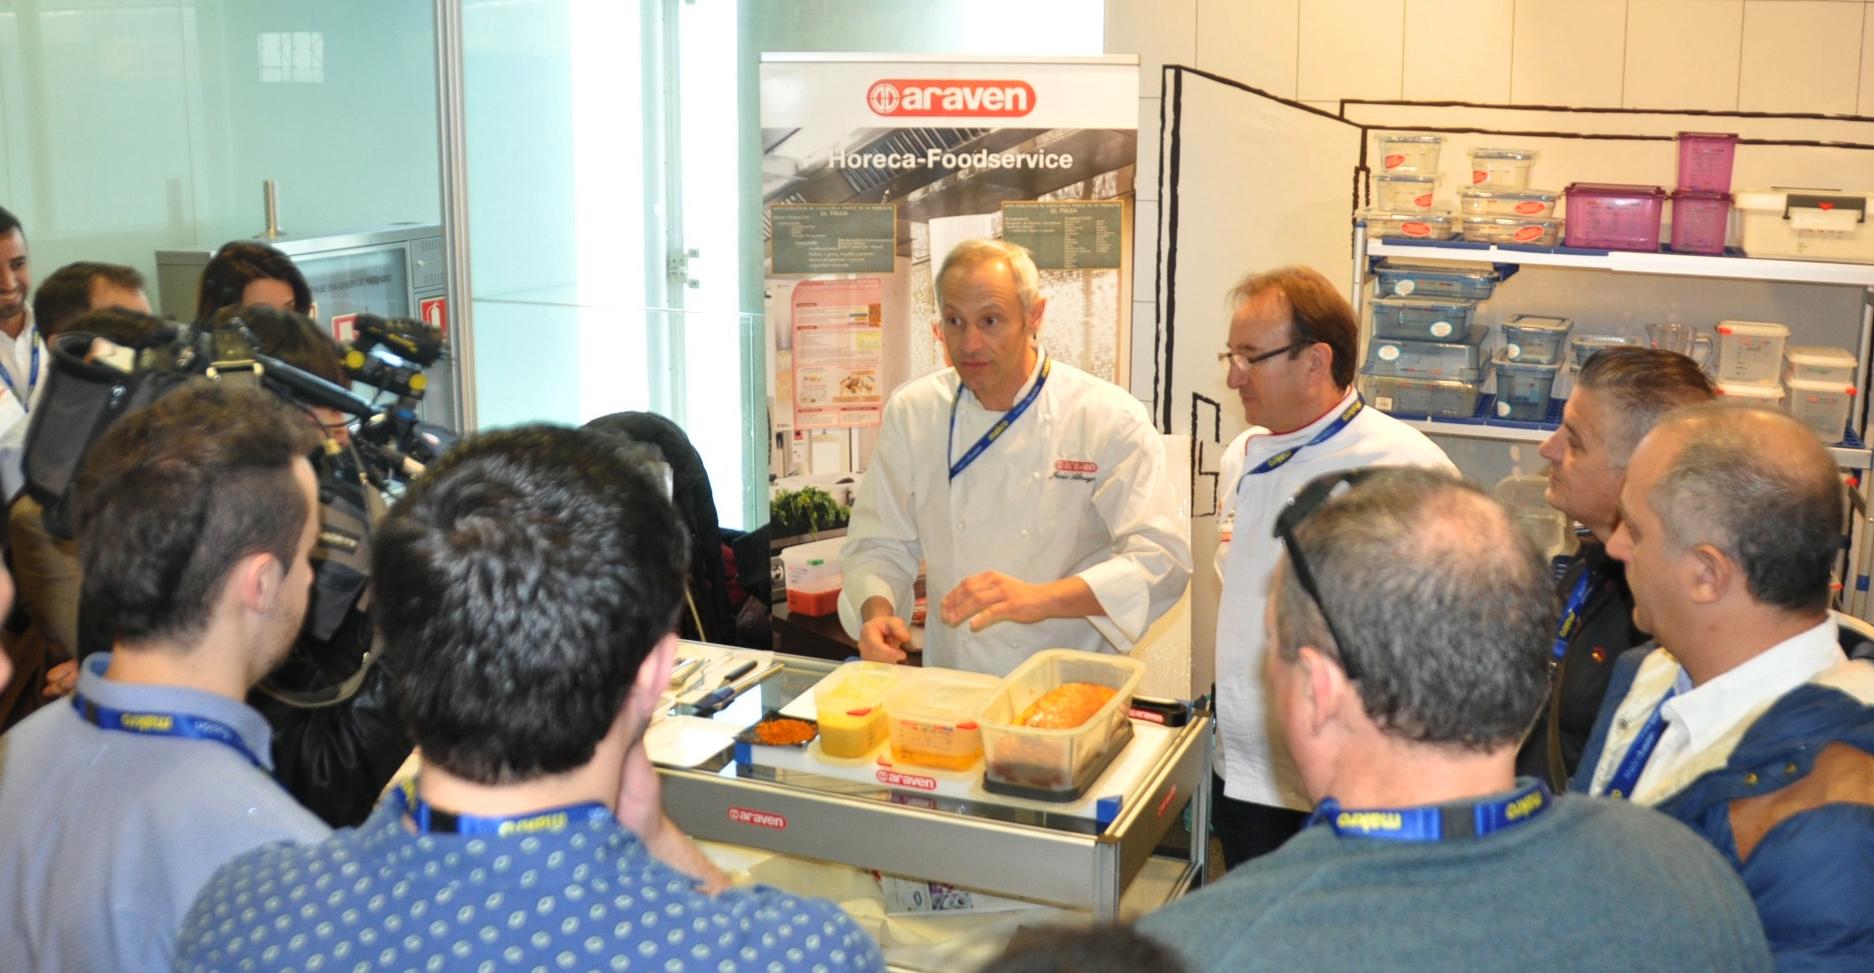 Demostración del chef Jesus Almagro en el stand de Araven durante la pasada edición de Madrid Fusión